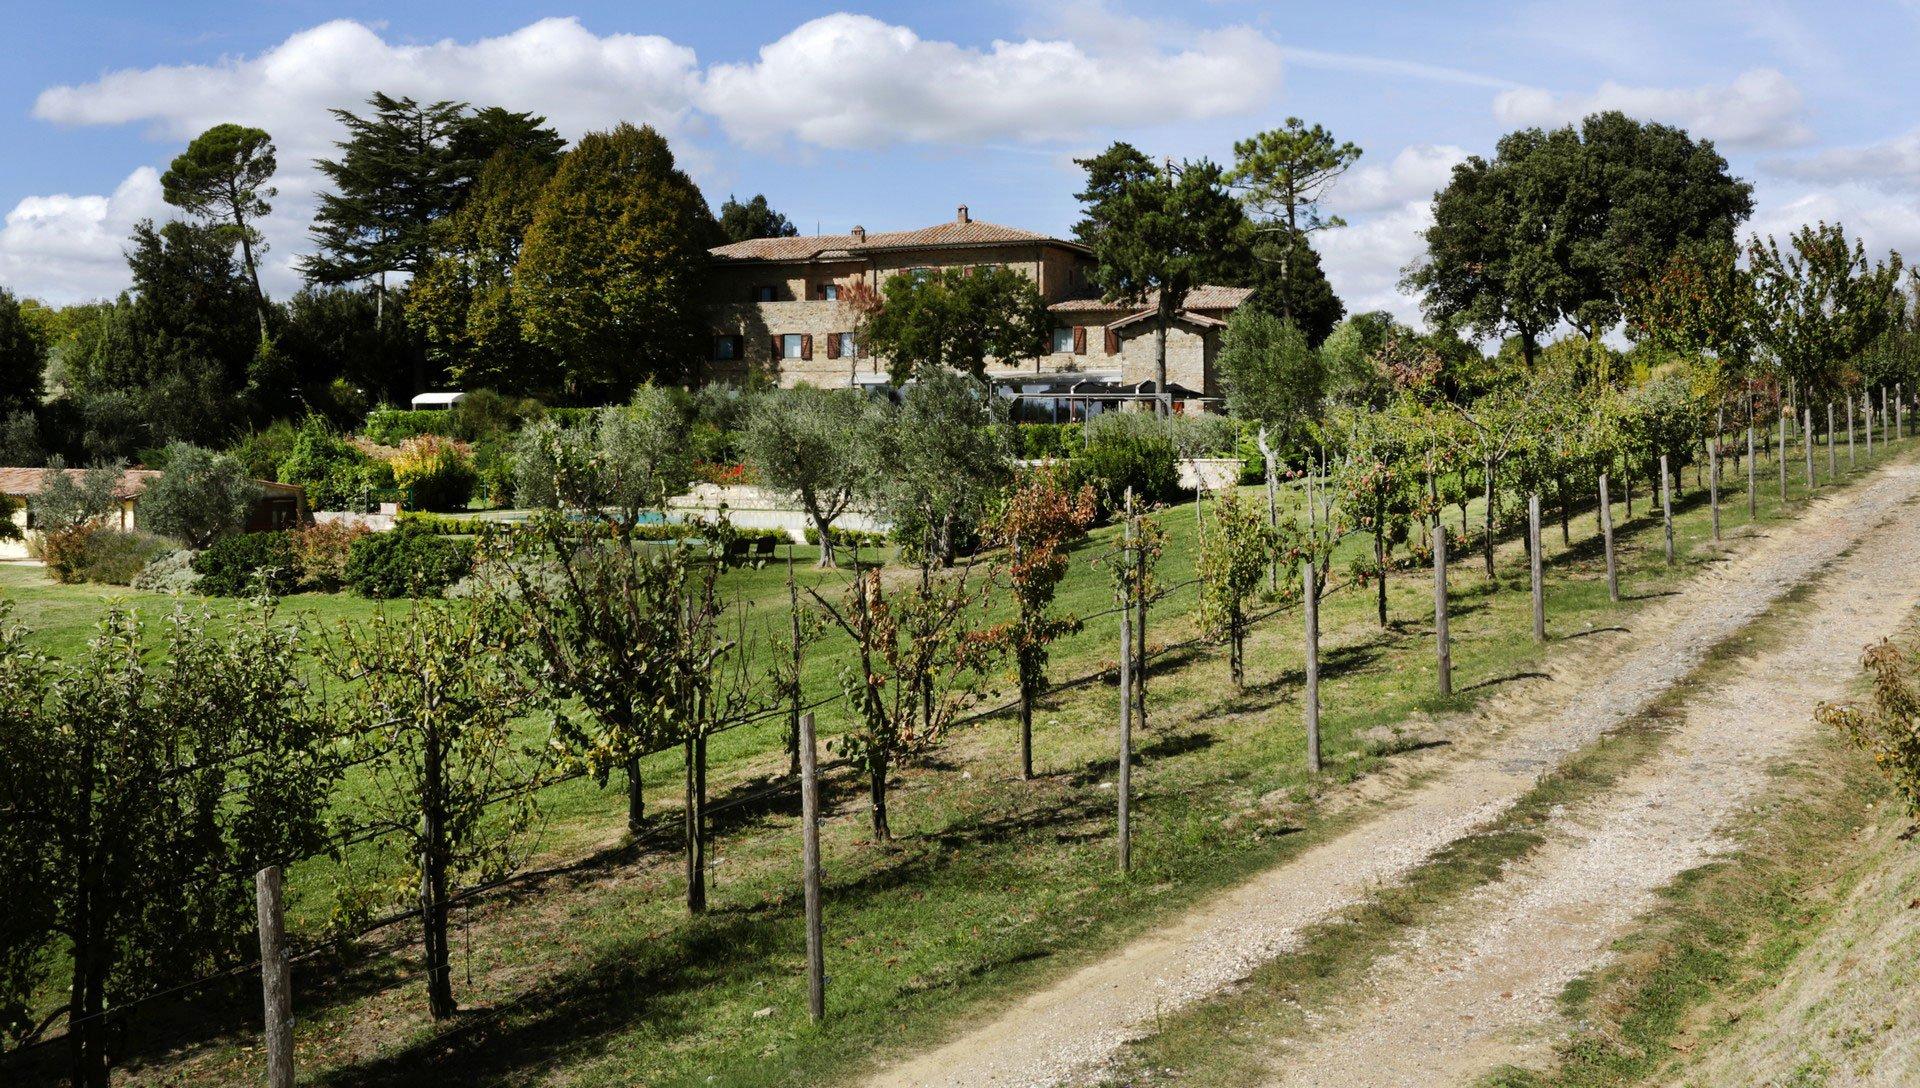 http://www.griffinsresort.com/wp-content/uploads/2018/04/Resort-Umbria.jpg